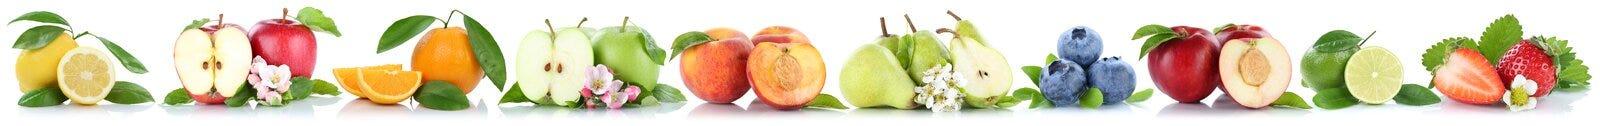 Dan fruto las naranjas anaranjadas de las manzanas de la manzana en fila aisladas en blanco Fotografía de archivo libre de regalías